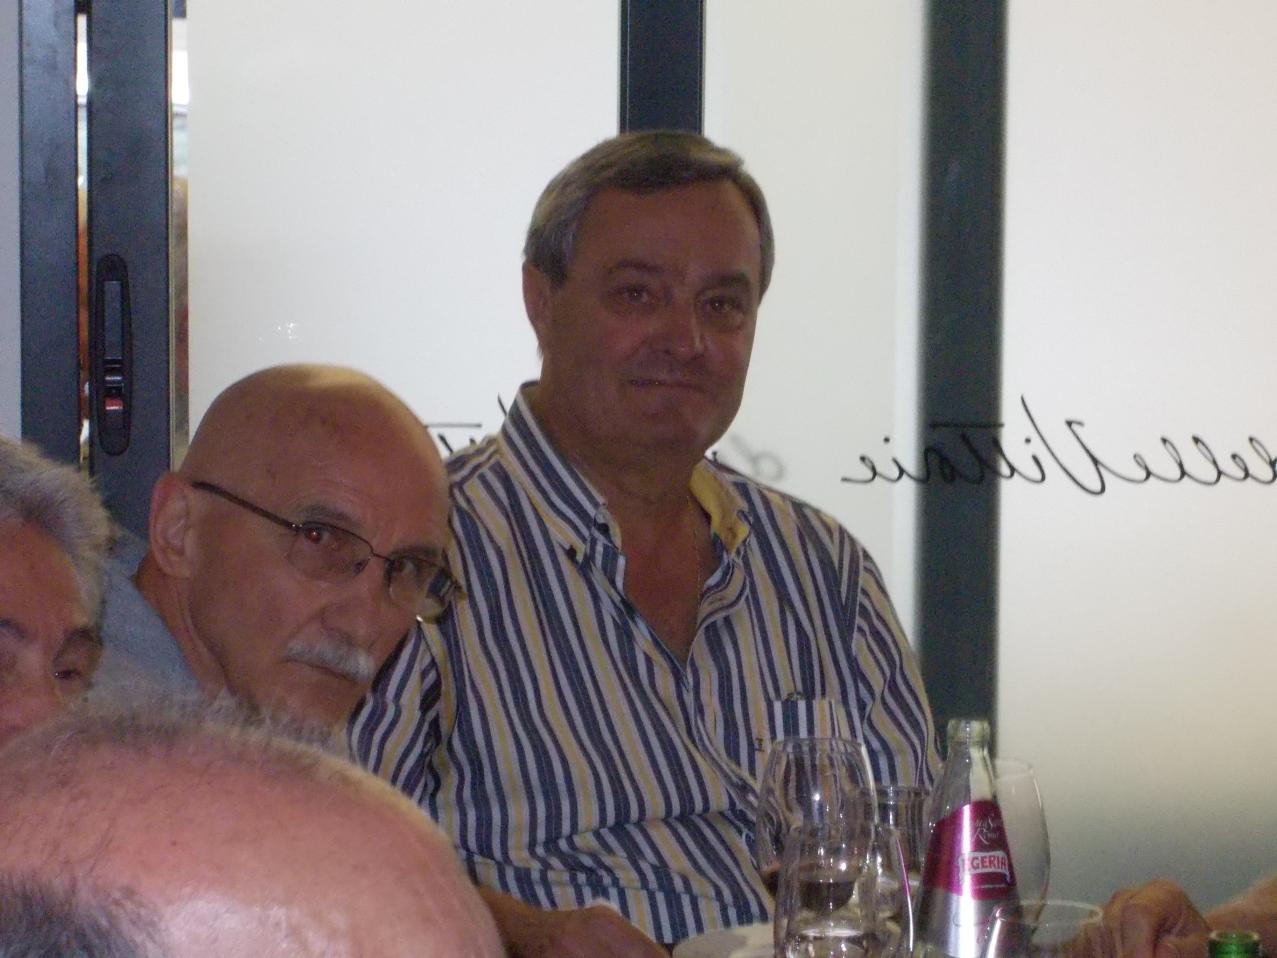 image Andrea nobili e roberto malone in la campagnola